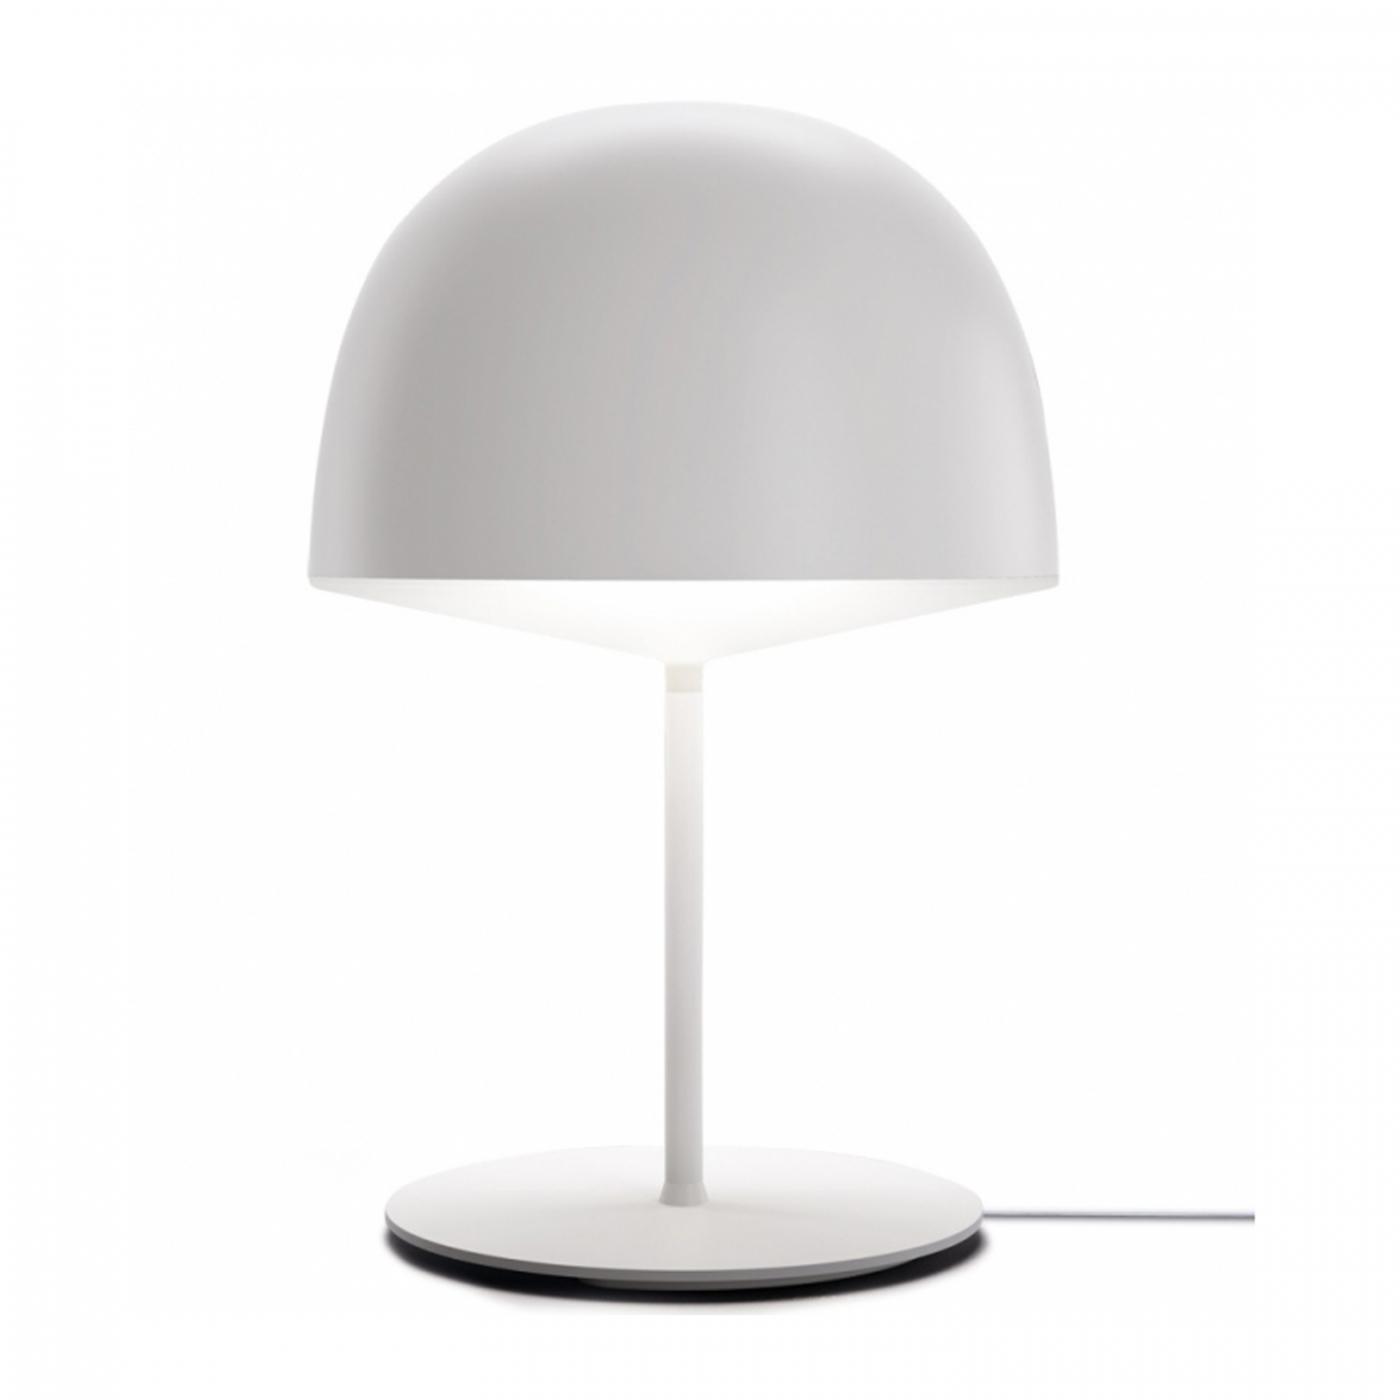 Cheshire tavolo fontana arte s p a lampade da tavolo - Lampade da tavolo fontana arte ...